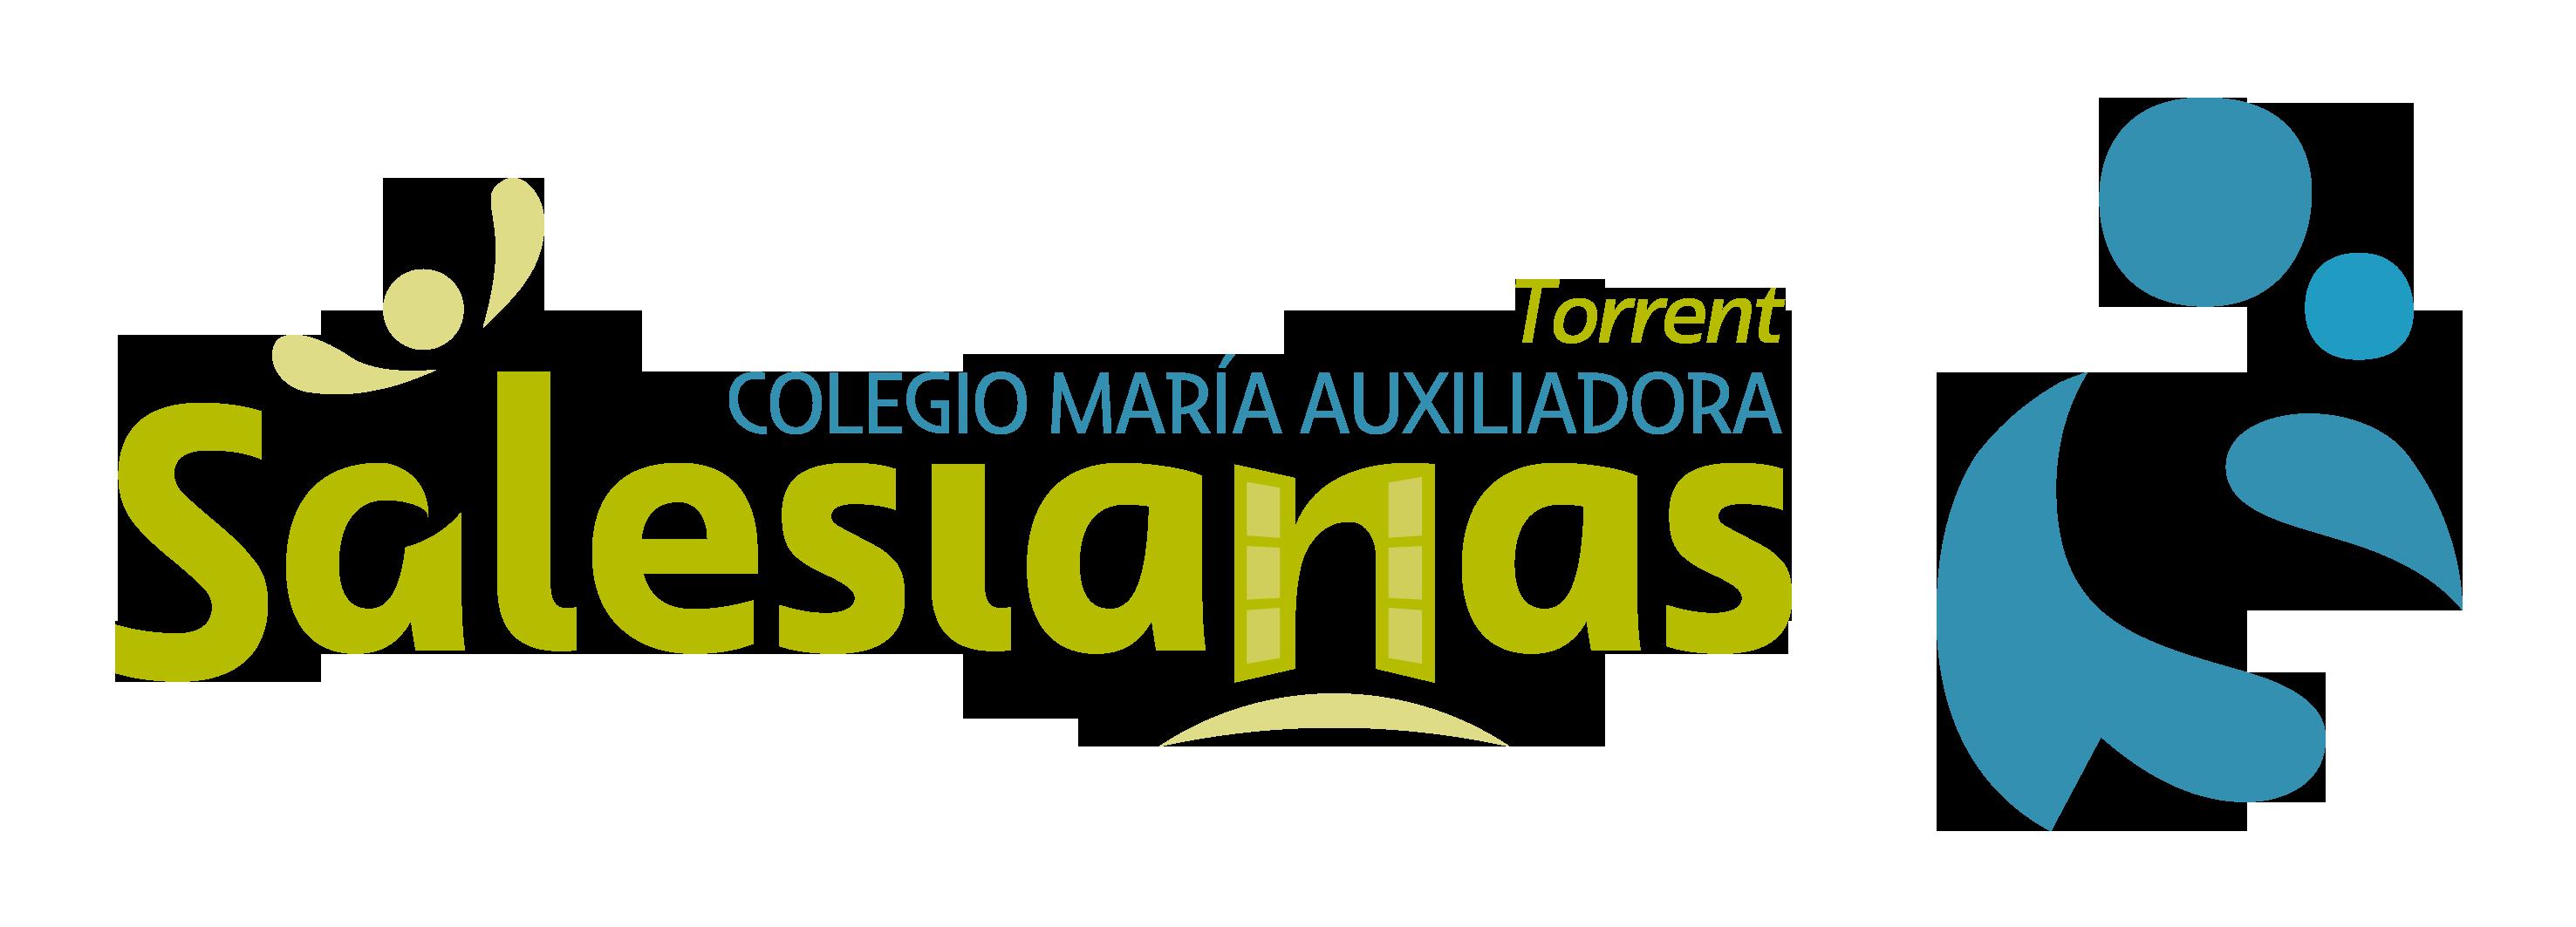 Colegio Maria Auxiliadora – Torrent